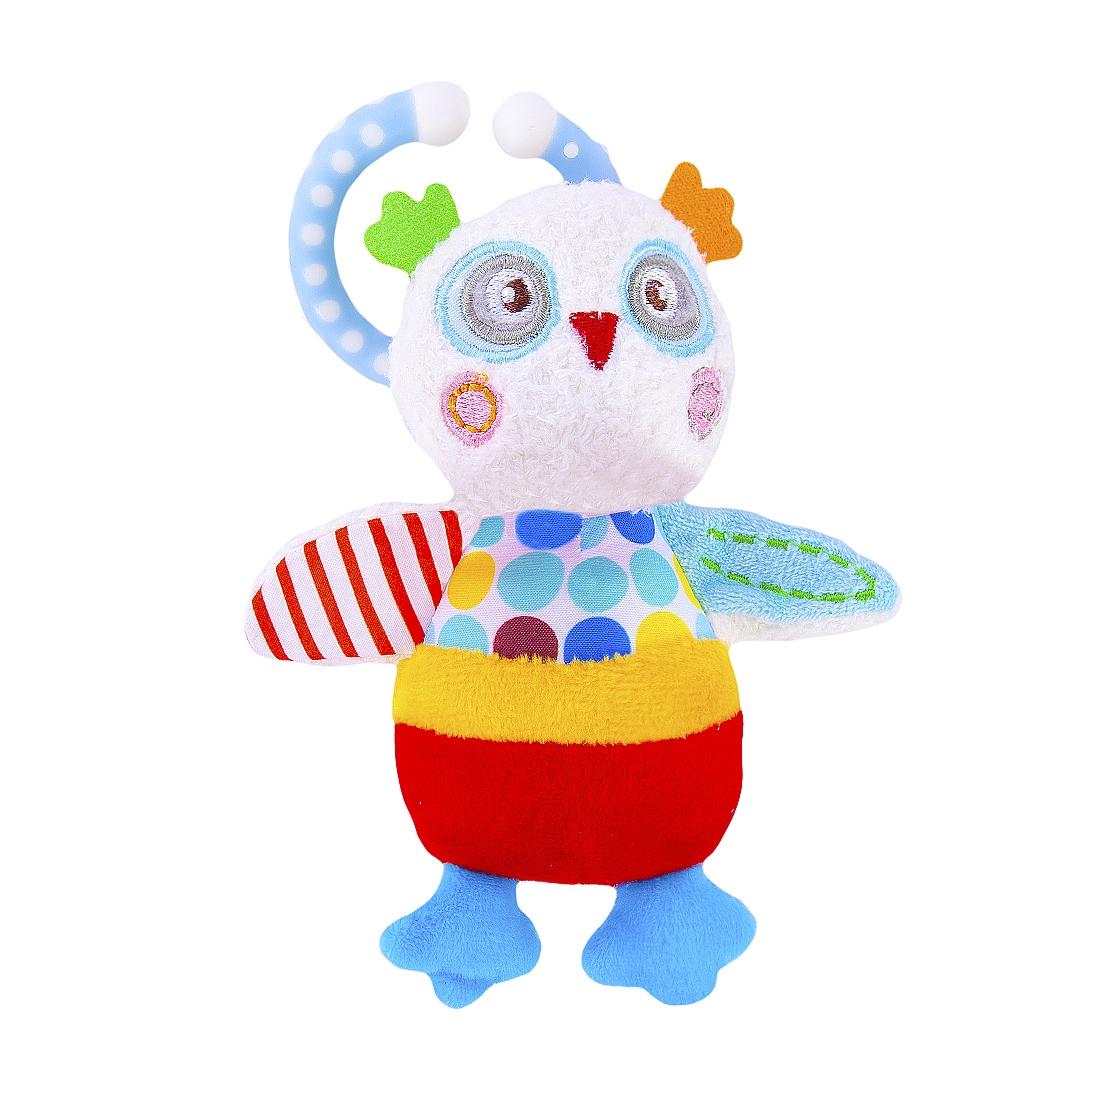 Подвеска Наша игрушка Совёнок Бонни с вибрацией развивающая игрушка жирафики подвеска с вибрацией жирафик дэнни 939363